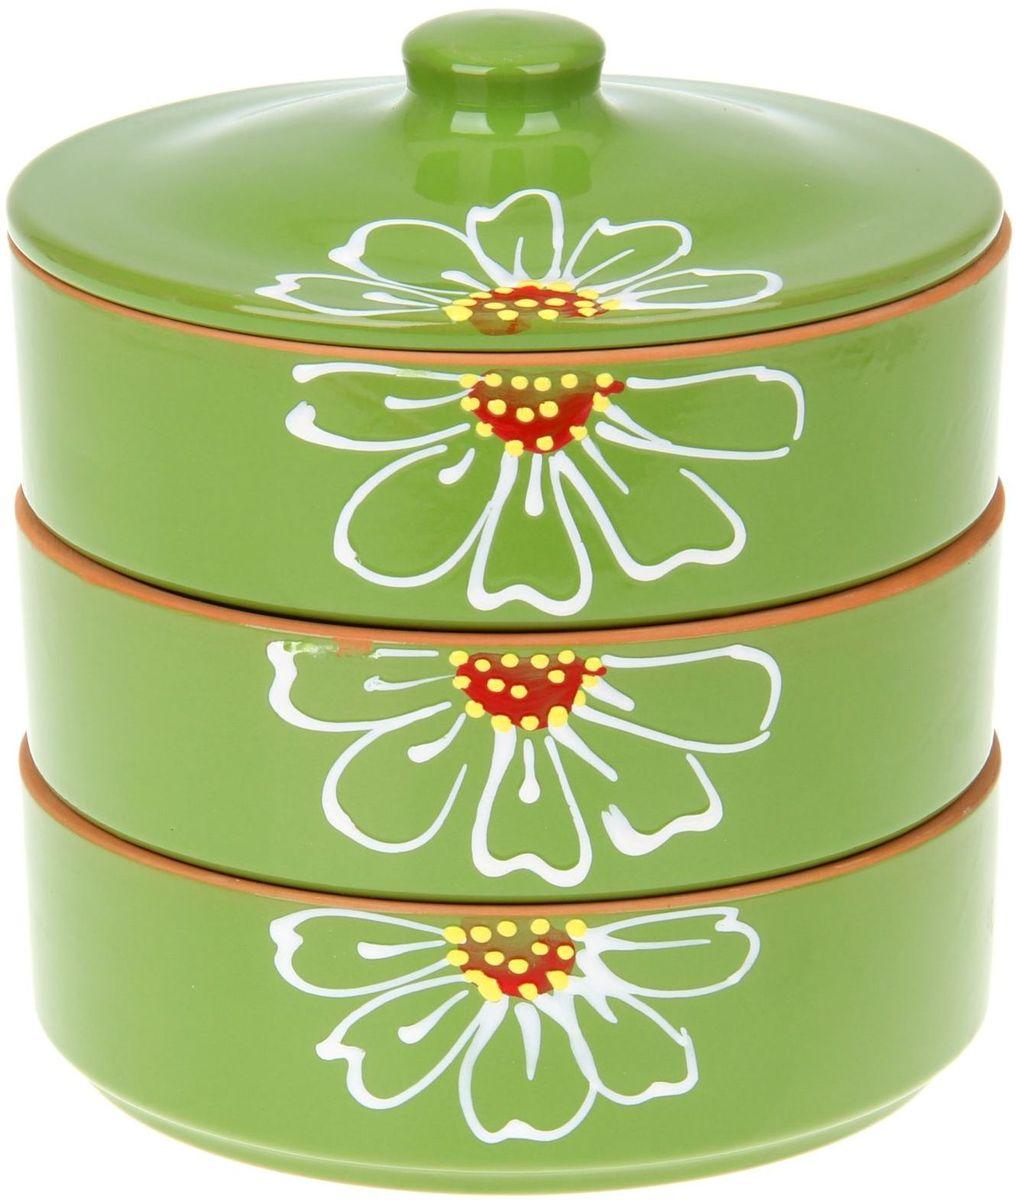 Набор блюд для холодца Псковский гончар Цветок, цвет: зеленый, 4 предмета1228239Набор для холодца Цветок 3 шт. (d=17,5 см, h=5,7 см) зелёный 0,7 л будет вашим универсальным помощником! Он удобен не только для хранения холодца, но и для салатов, а также различных закусок. Набор предотвращает заветривание и сохраняет привлекательный внешний вид блюда. Вы сможете готовить непосредственно в нём: специальная керамика подходит для использования в микроволновой печи, в духовом шкафу, русской печи или на гриле. Утолщённые стенки дольше сохраняют тепло, поэтому можно не волноваться, что блюдо быстро остынет. Благодаря специальной конструкции предметы из набора можно устойчиво размещать друг на друге, что значительно сэкономит место в шкафу или холодильнике. Приятная расцветка и аккуратный рисунок будут радовать глаз при каждом использовании. Благодаря структуре глины любое блюдо, приготовленное при помощи посуды от «Псковского гончара», будет максимально вкусным и сохранит все свои полезные качества.